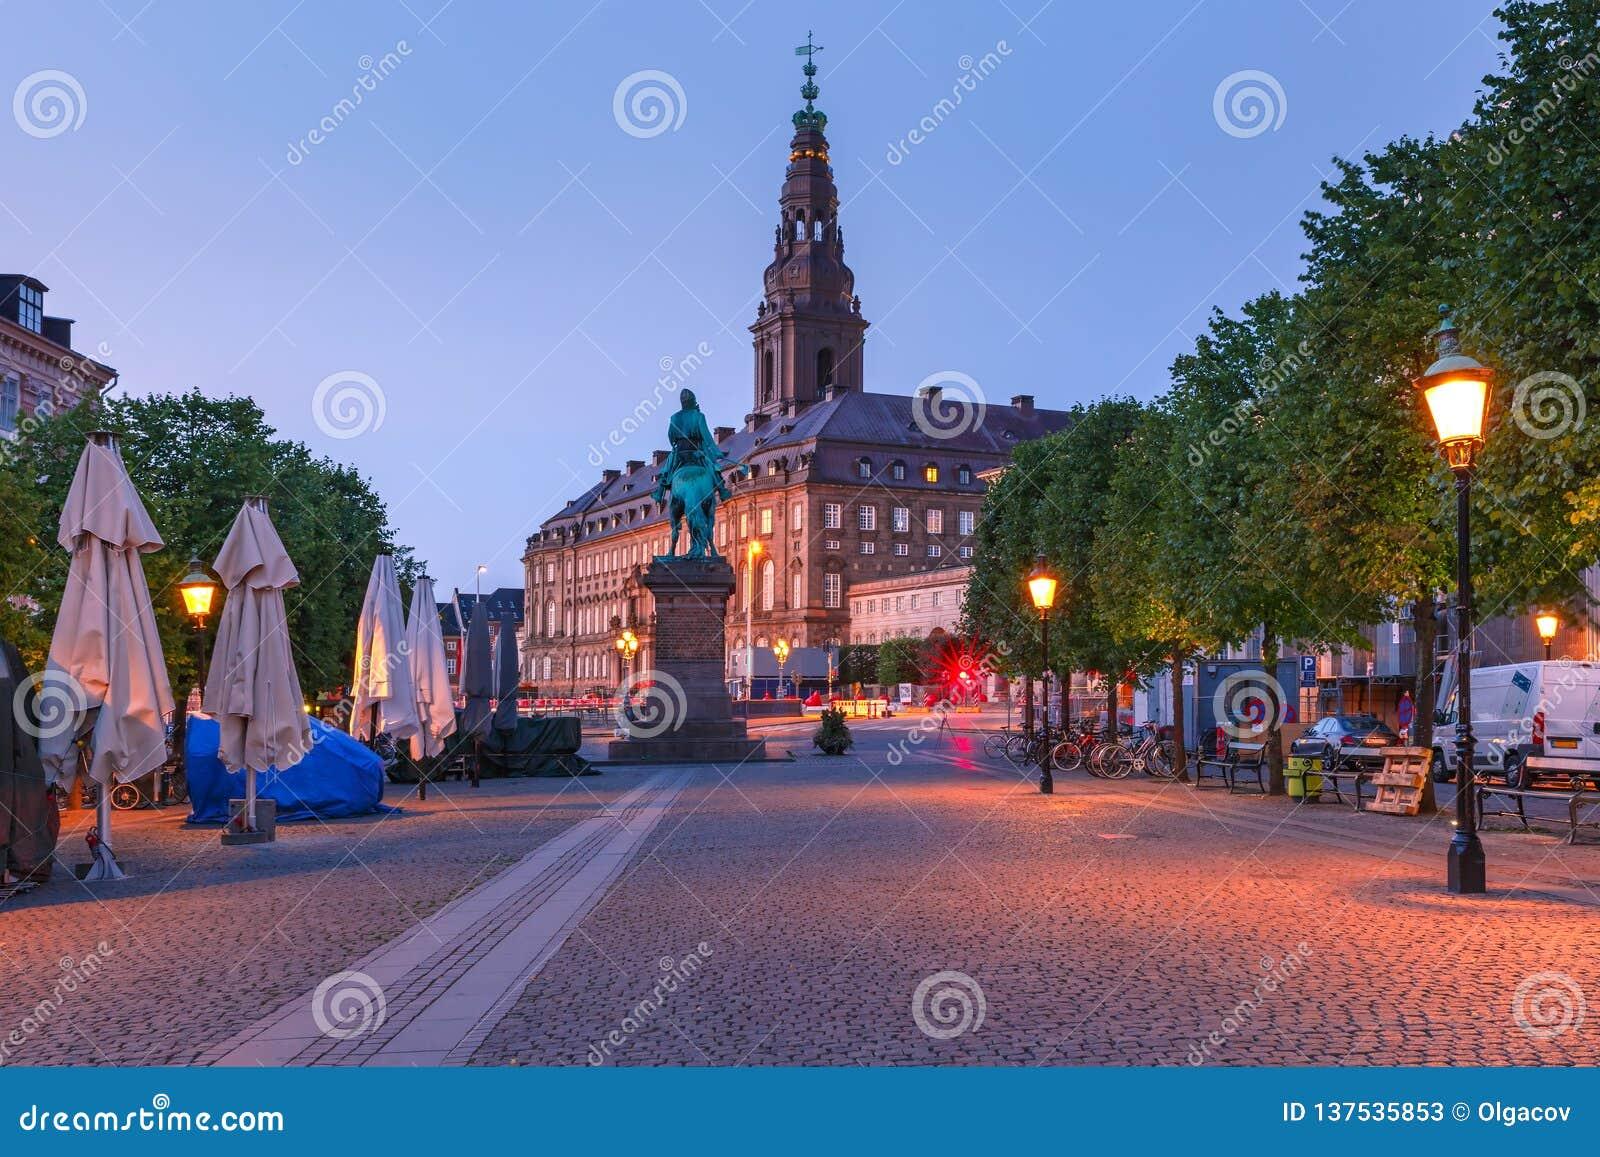 Дворец Christiansborg, Копенгаген, Дания